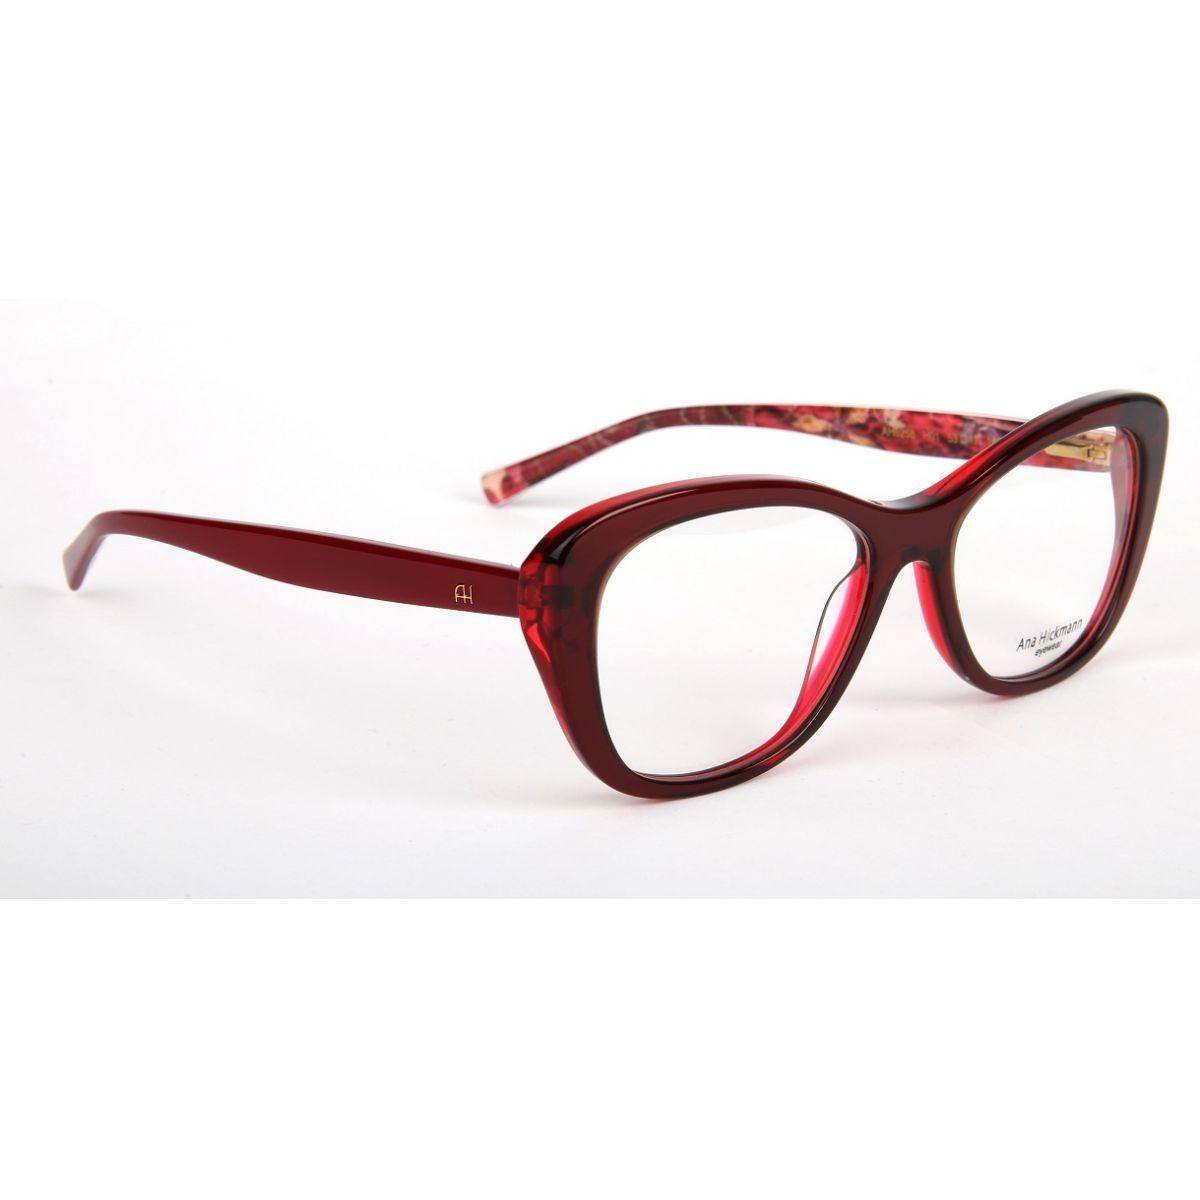 4d4173a438a29 Armação Oculos Grau Ana Hickmann Ah6258 H01 Vermelho - R  409